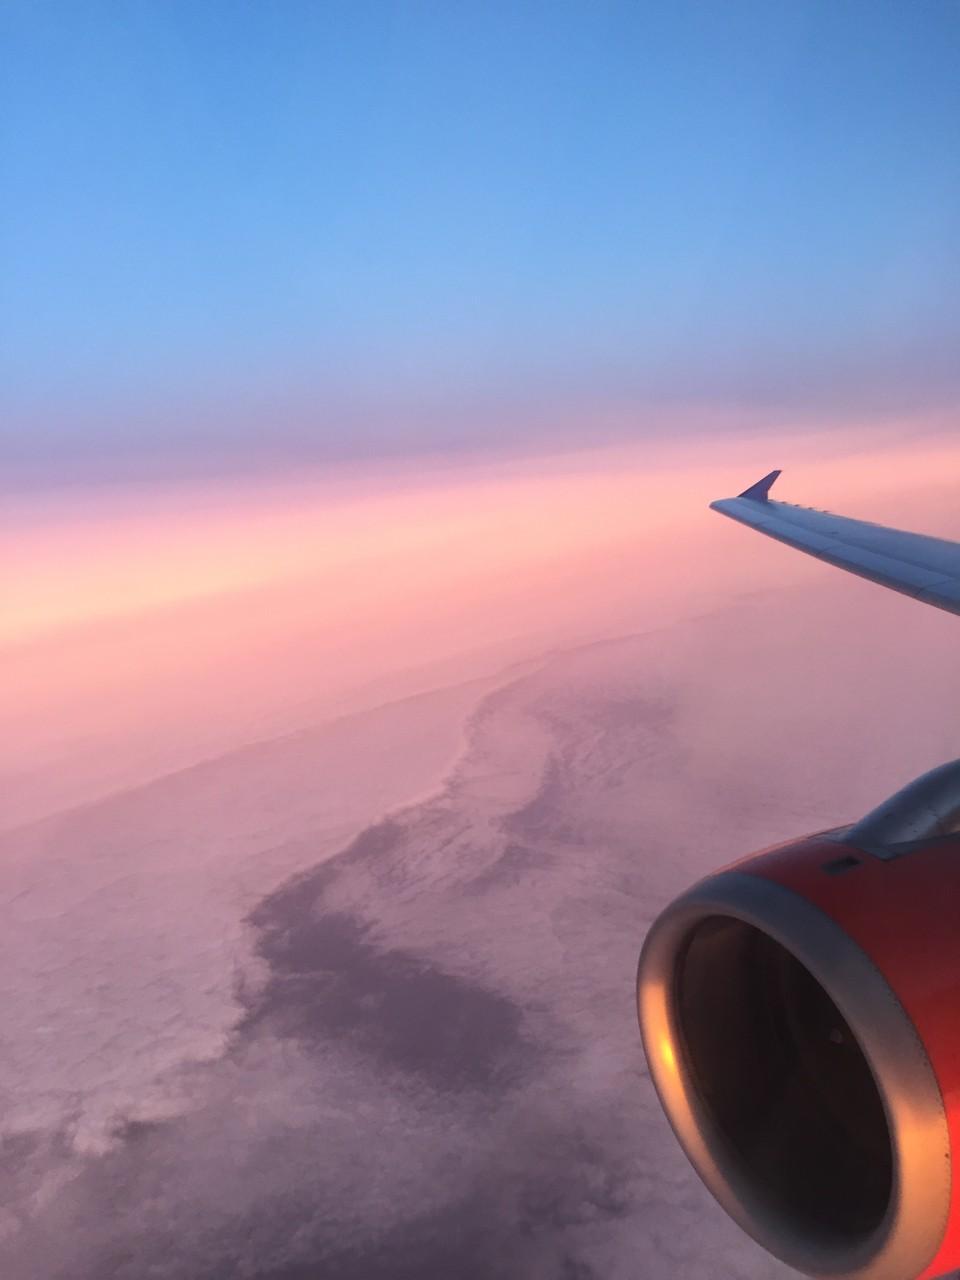 Sonnenaufgang auf dem Weg von Kopenhagen nach Zürich...